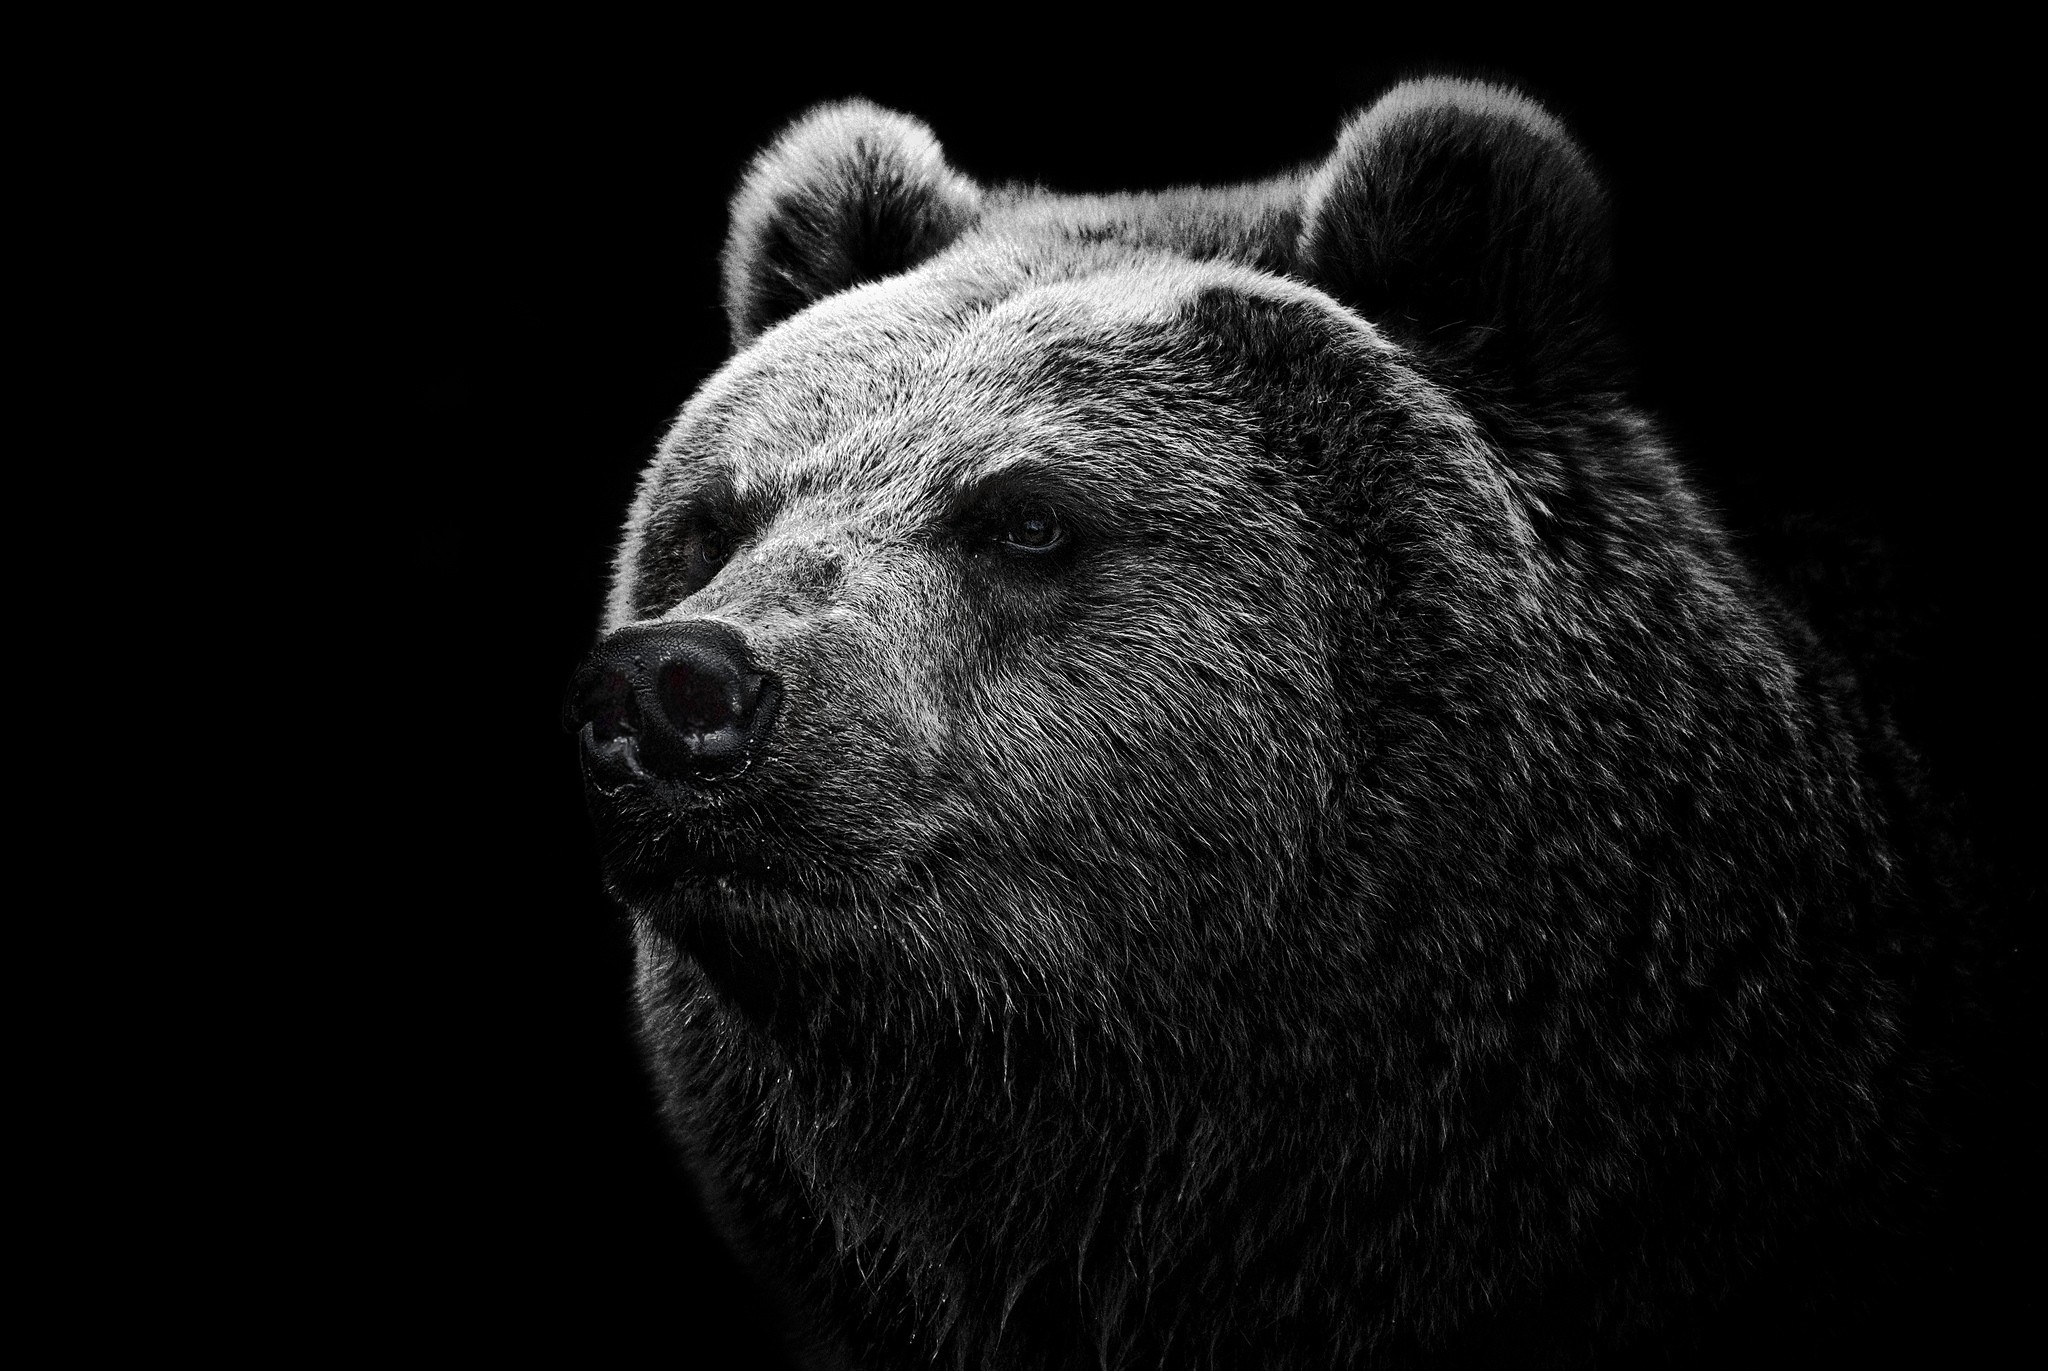 156923 Protetores de tela e papéis de parede Opinião em seu telefone. Baixe Suportar, Urso, Visão, Opinião, Nariz, Urso-Pardo, Grizzly fotos gratuitamente